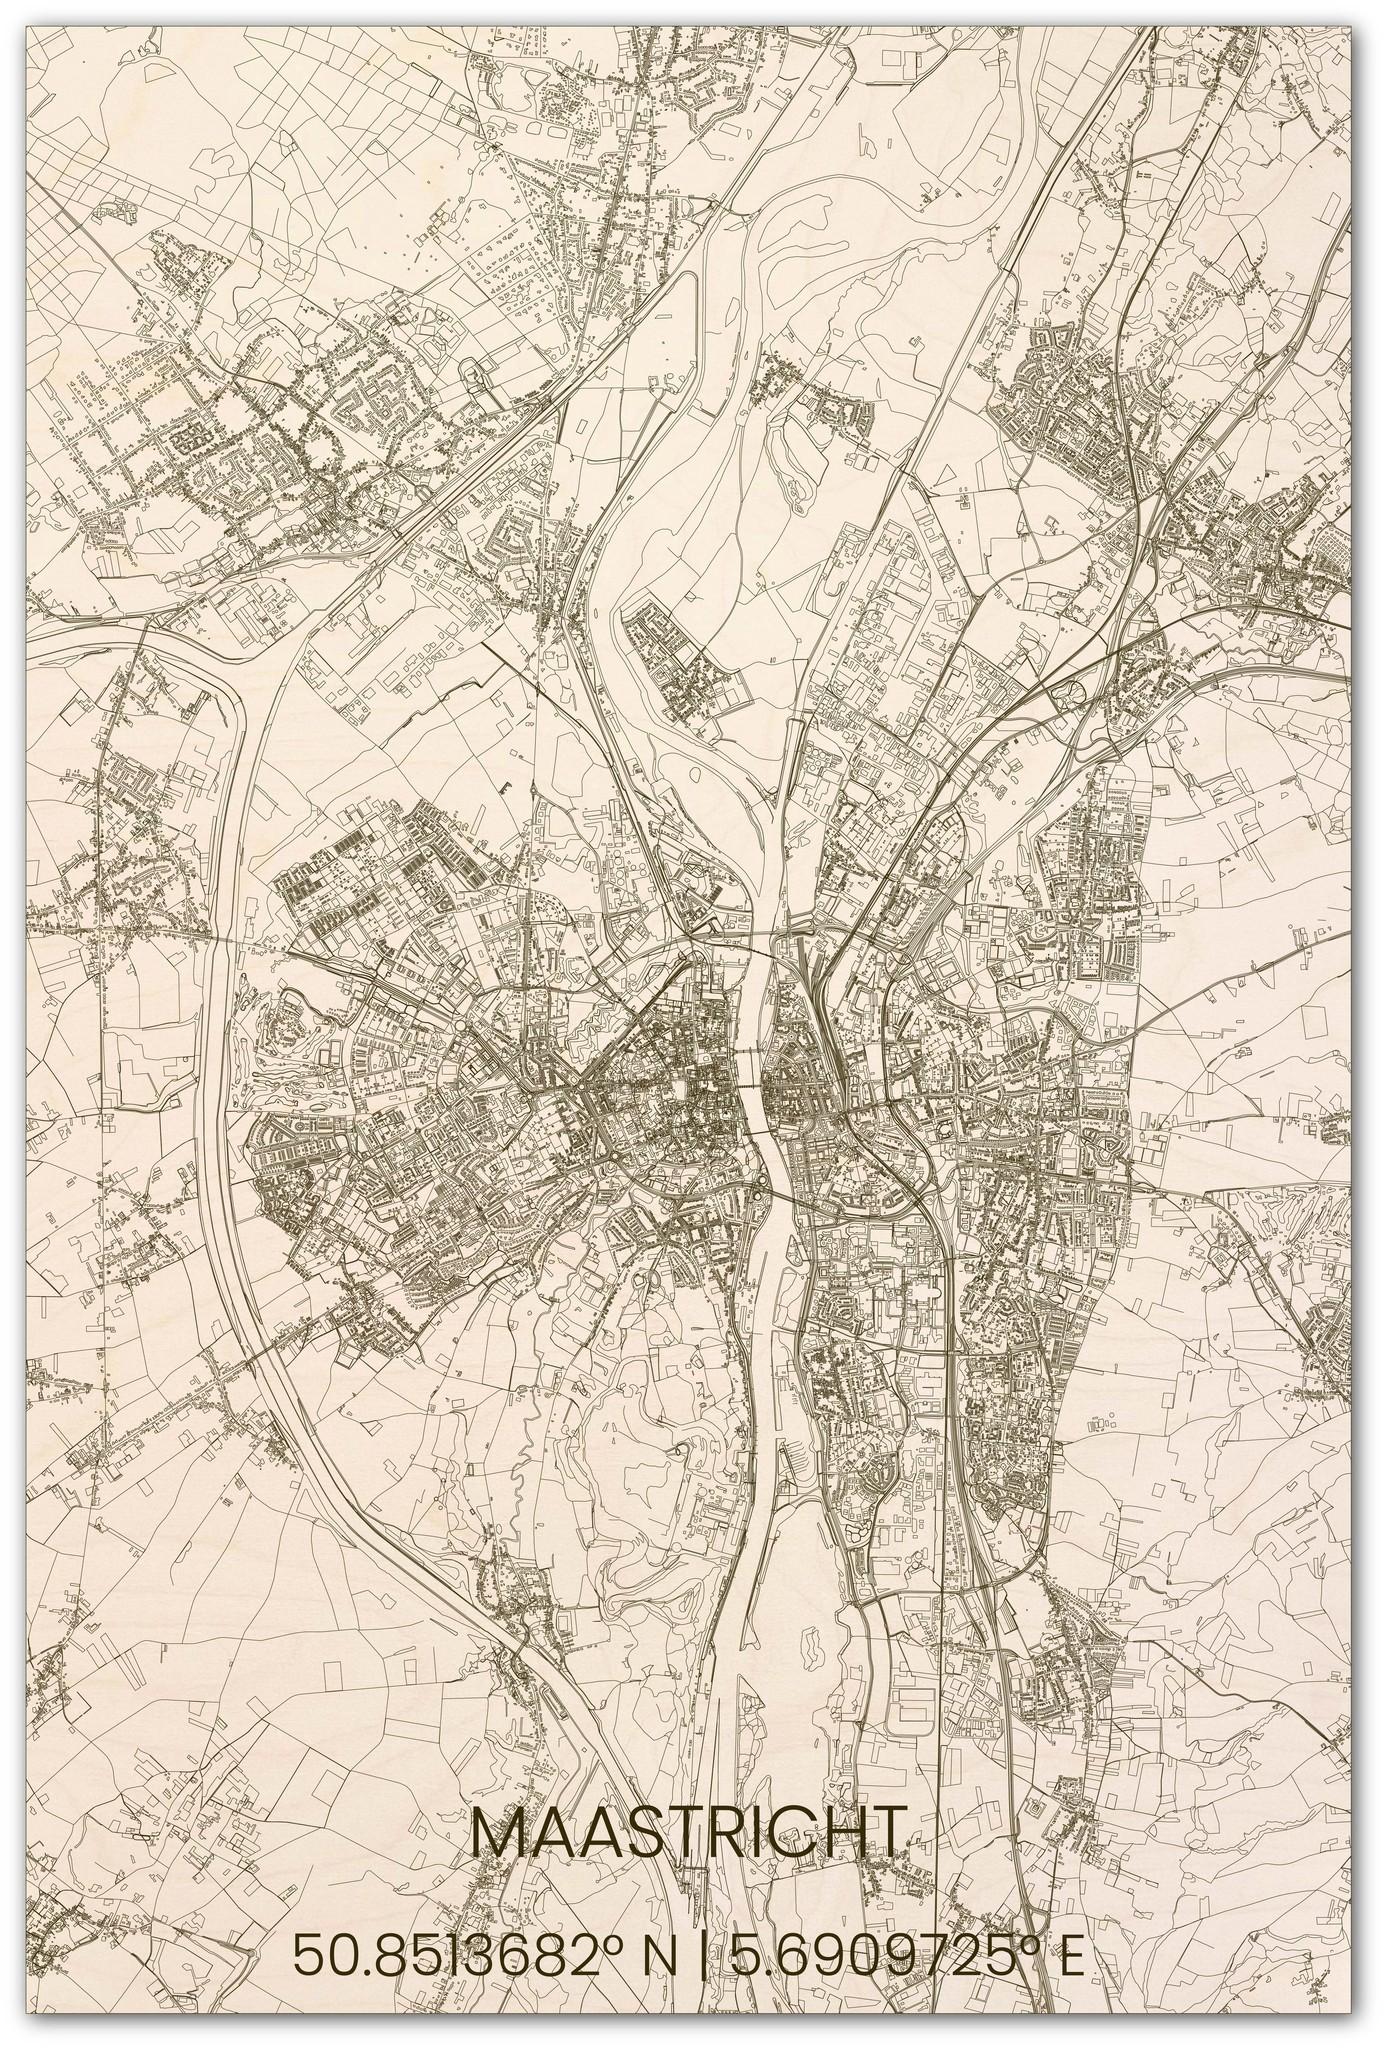 Stadsplattegrond Maastricht XL-1